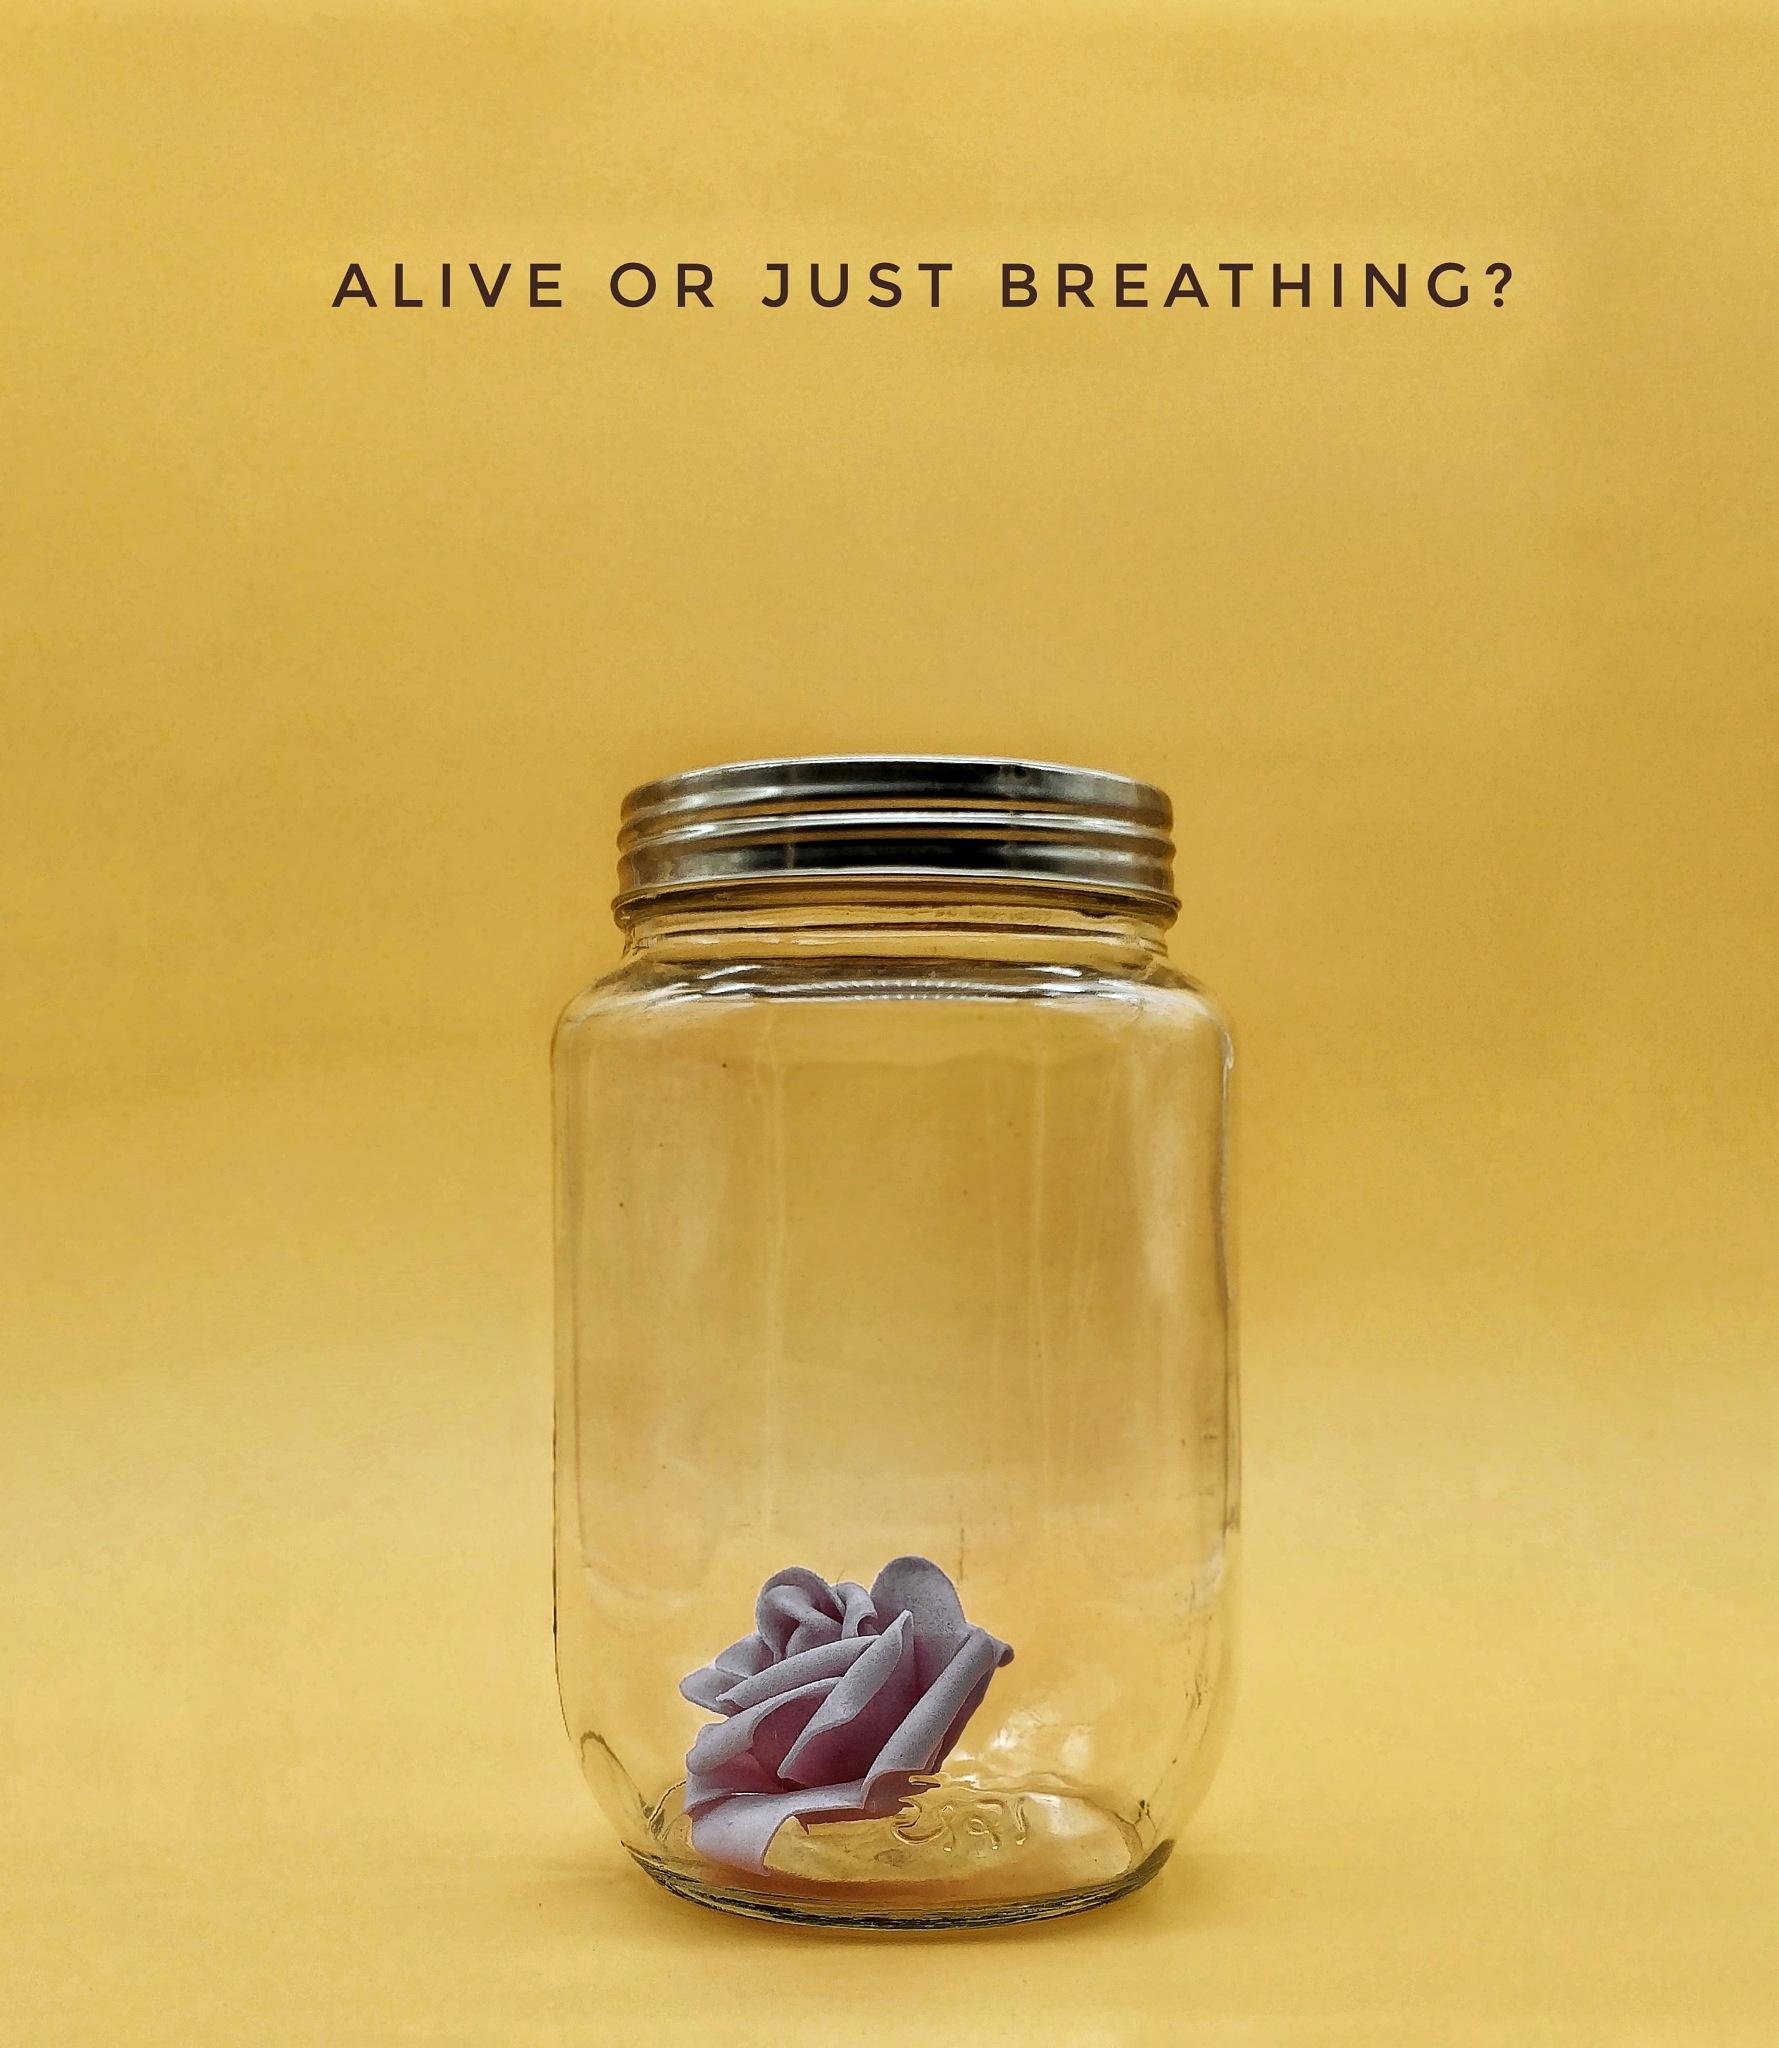 alive or just breathing? by karan katariya